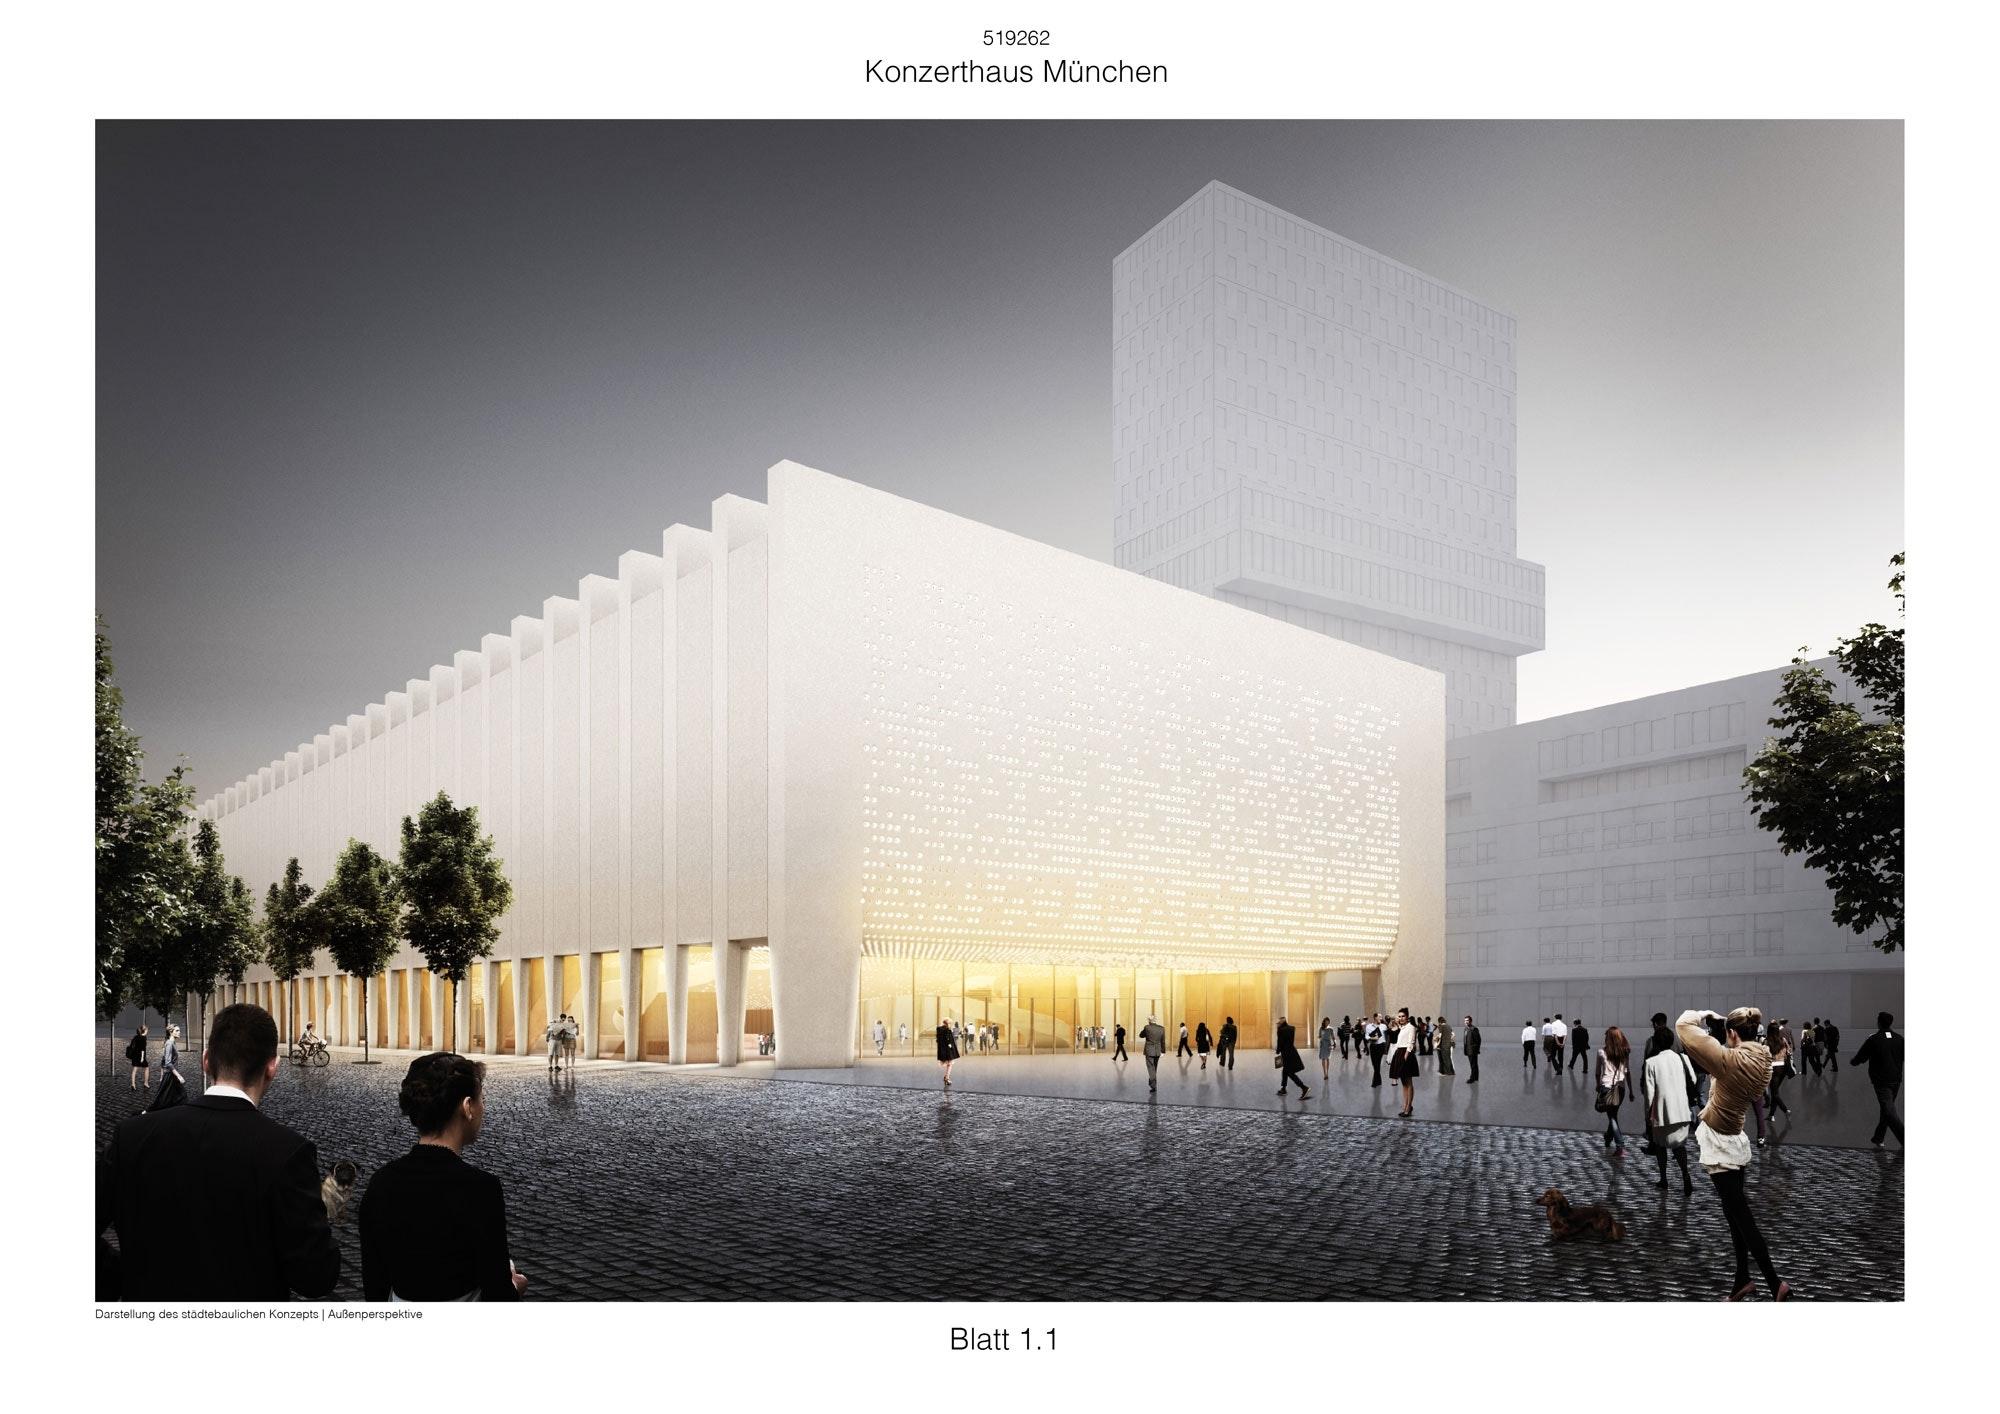 Ergebnis Neubau Konzerthauscompetitionline